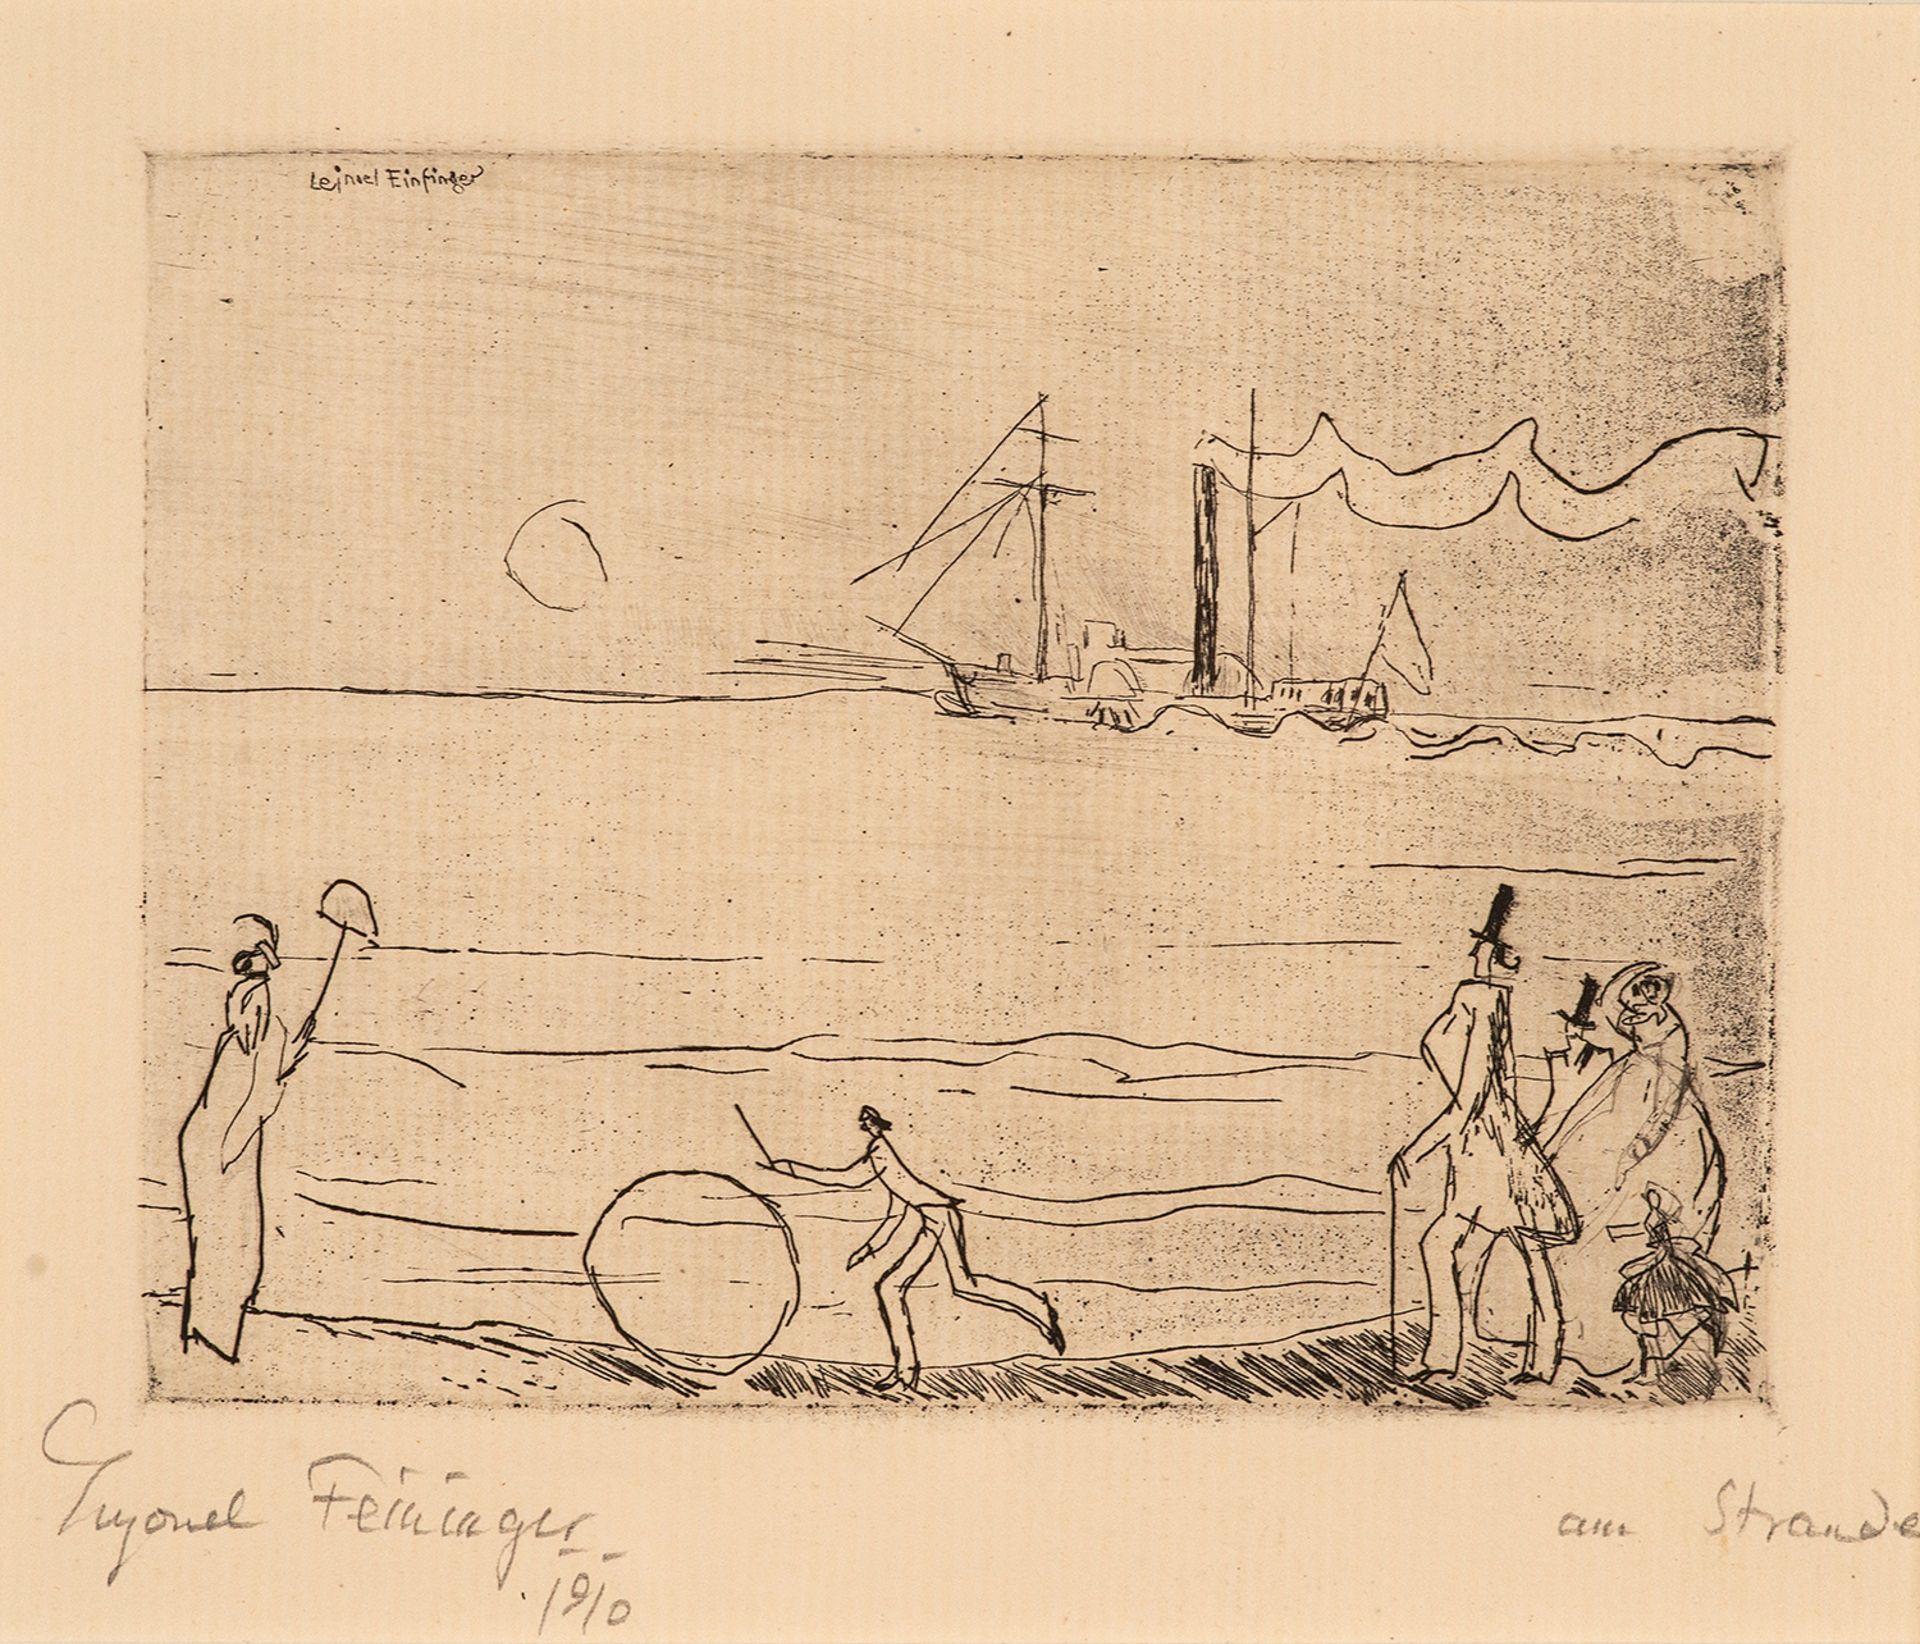 Lyonel Feininger – Am Strande.